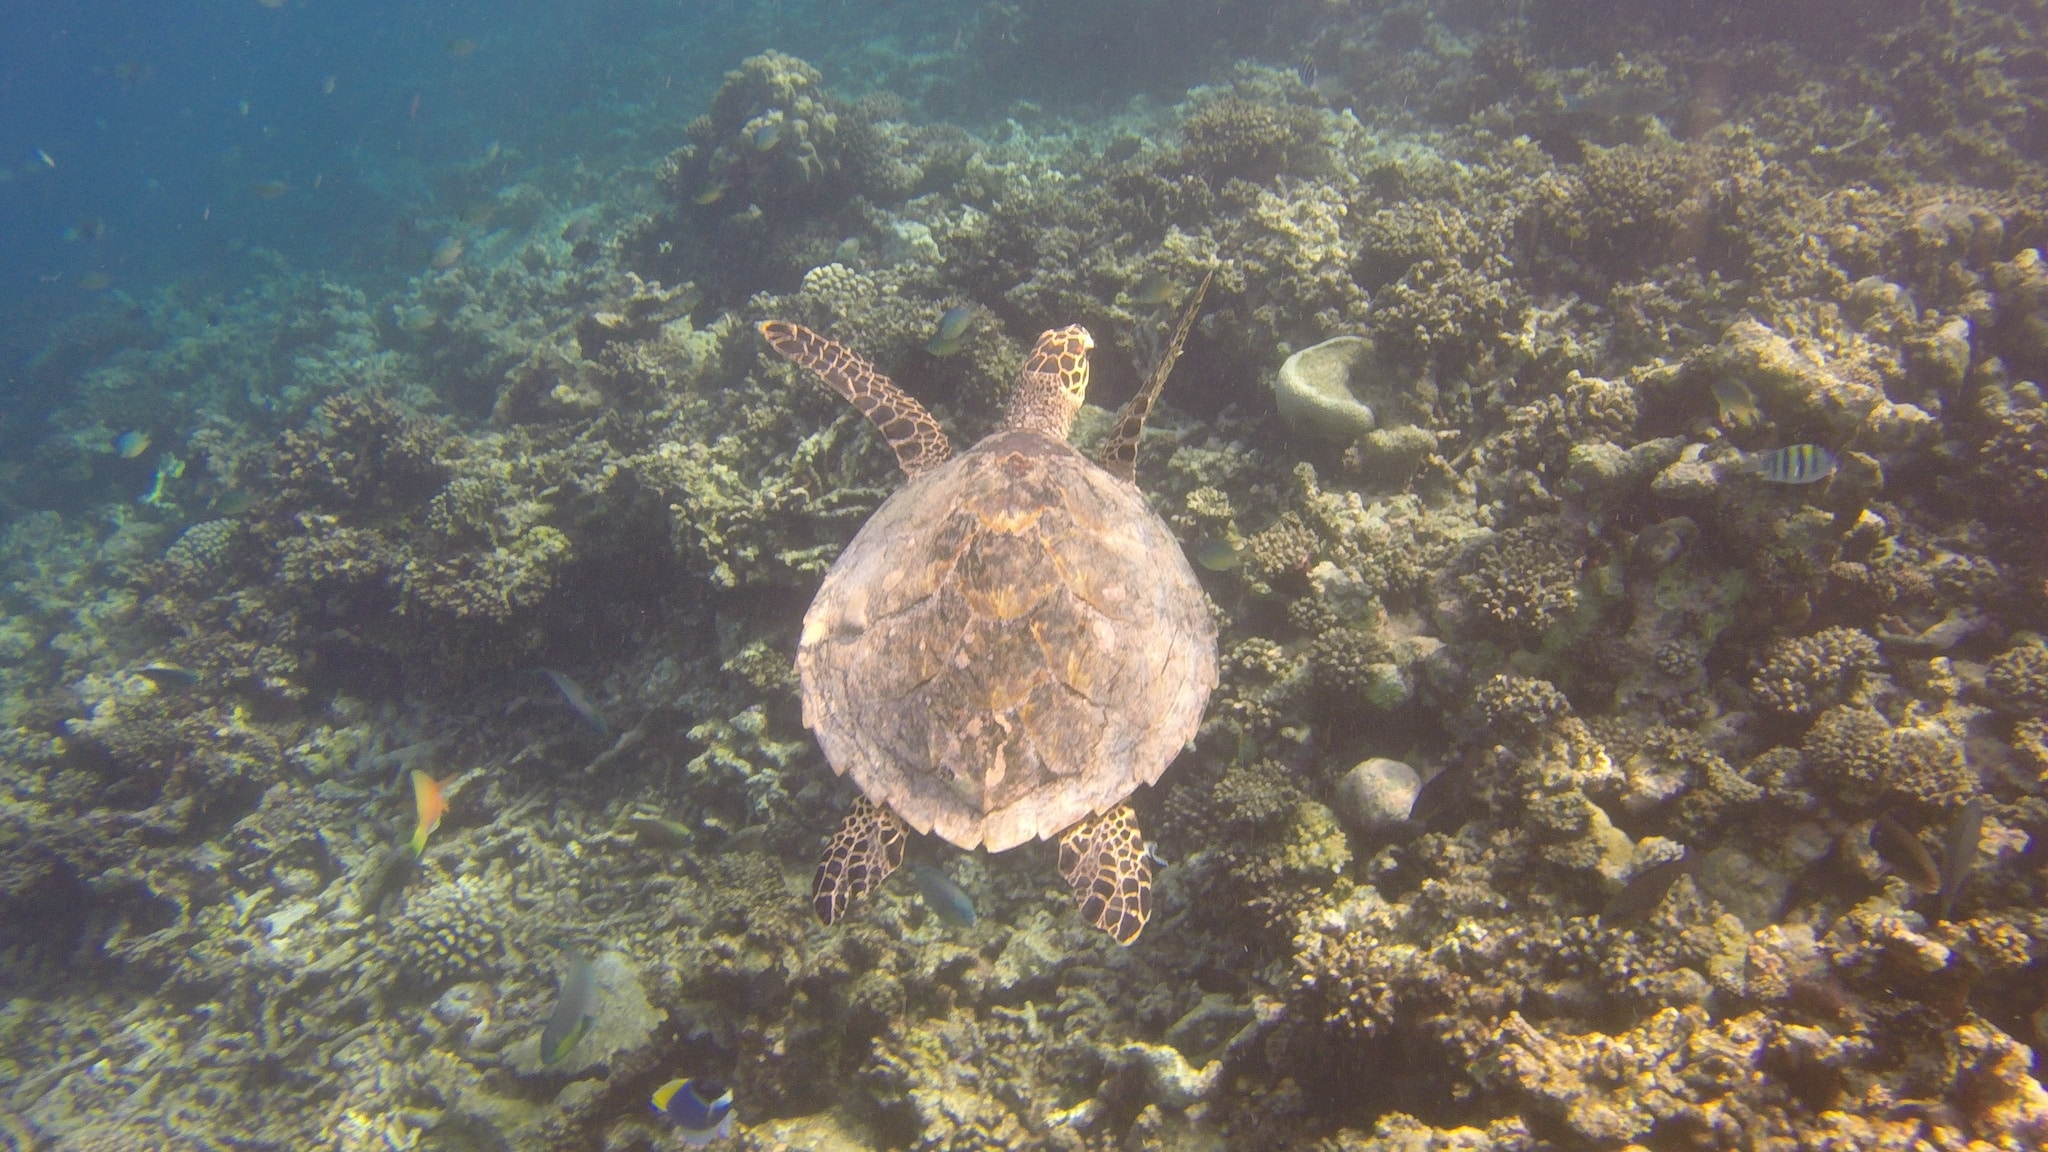 Pack deine Unterwasserkamera – oder Gehäuse für das Smartphone ein – es gibt unzähliige Schildkröten zu fotografieren. Foto: Sascha Tegtmeyer Reisebericht Coco Bodu Hithi Malediven Erfahrungen